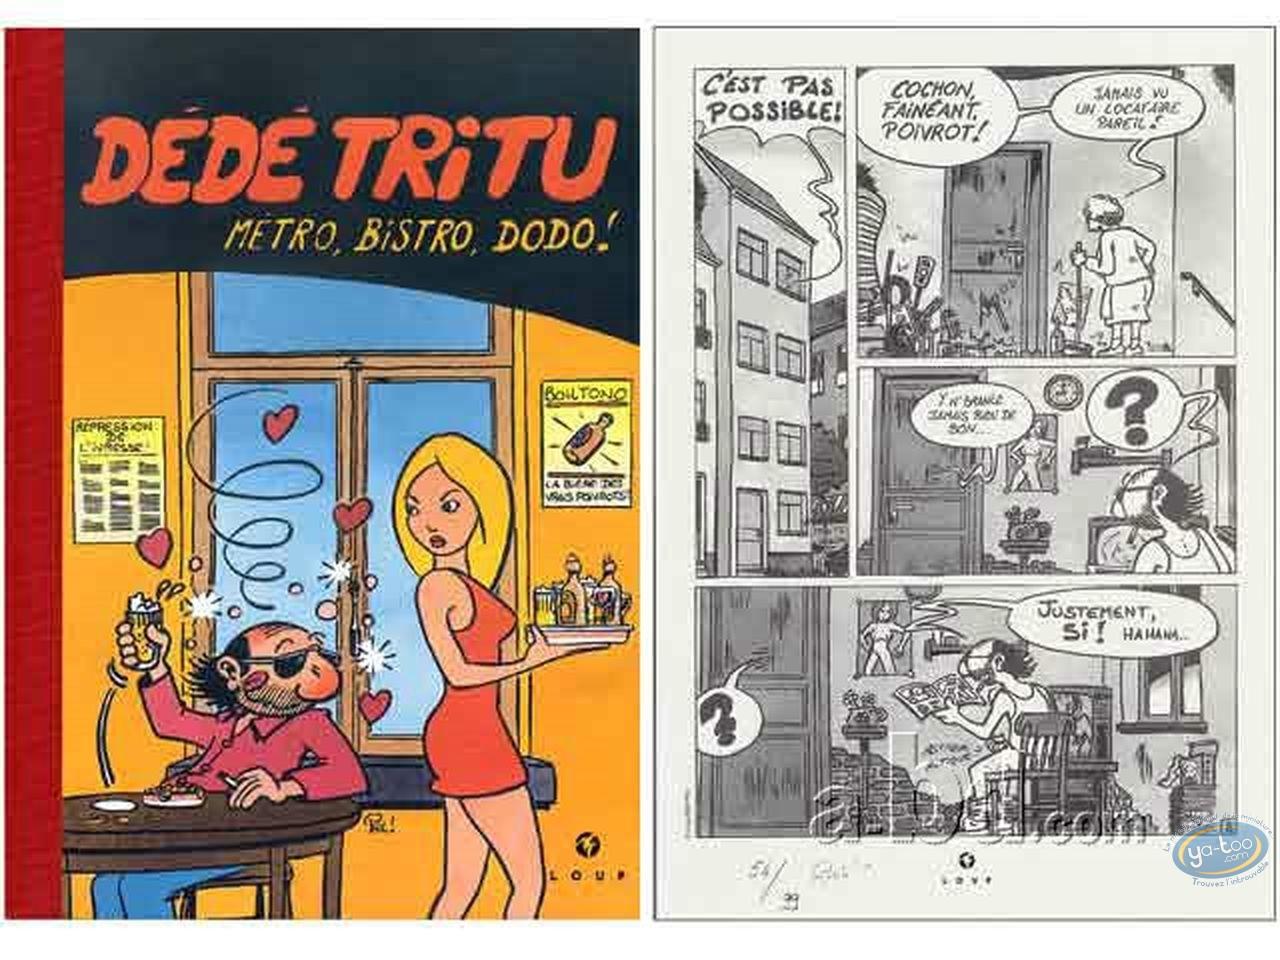 Limited First Edition, Dédé tritu : Dede Tritu